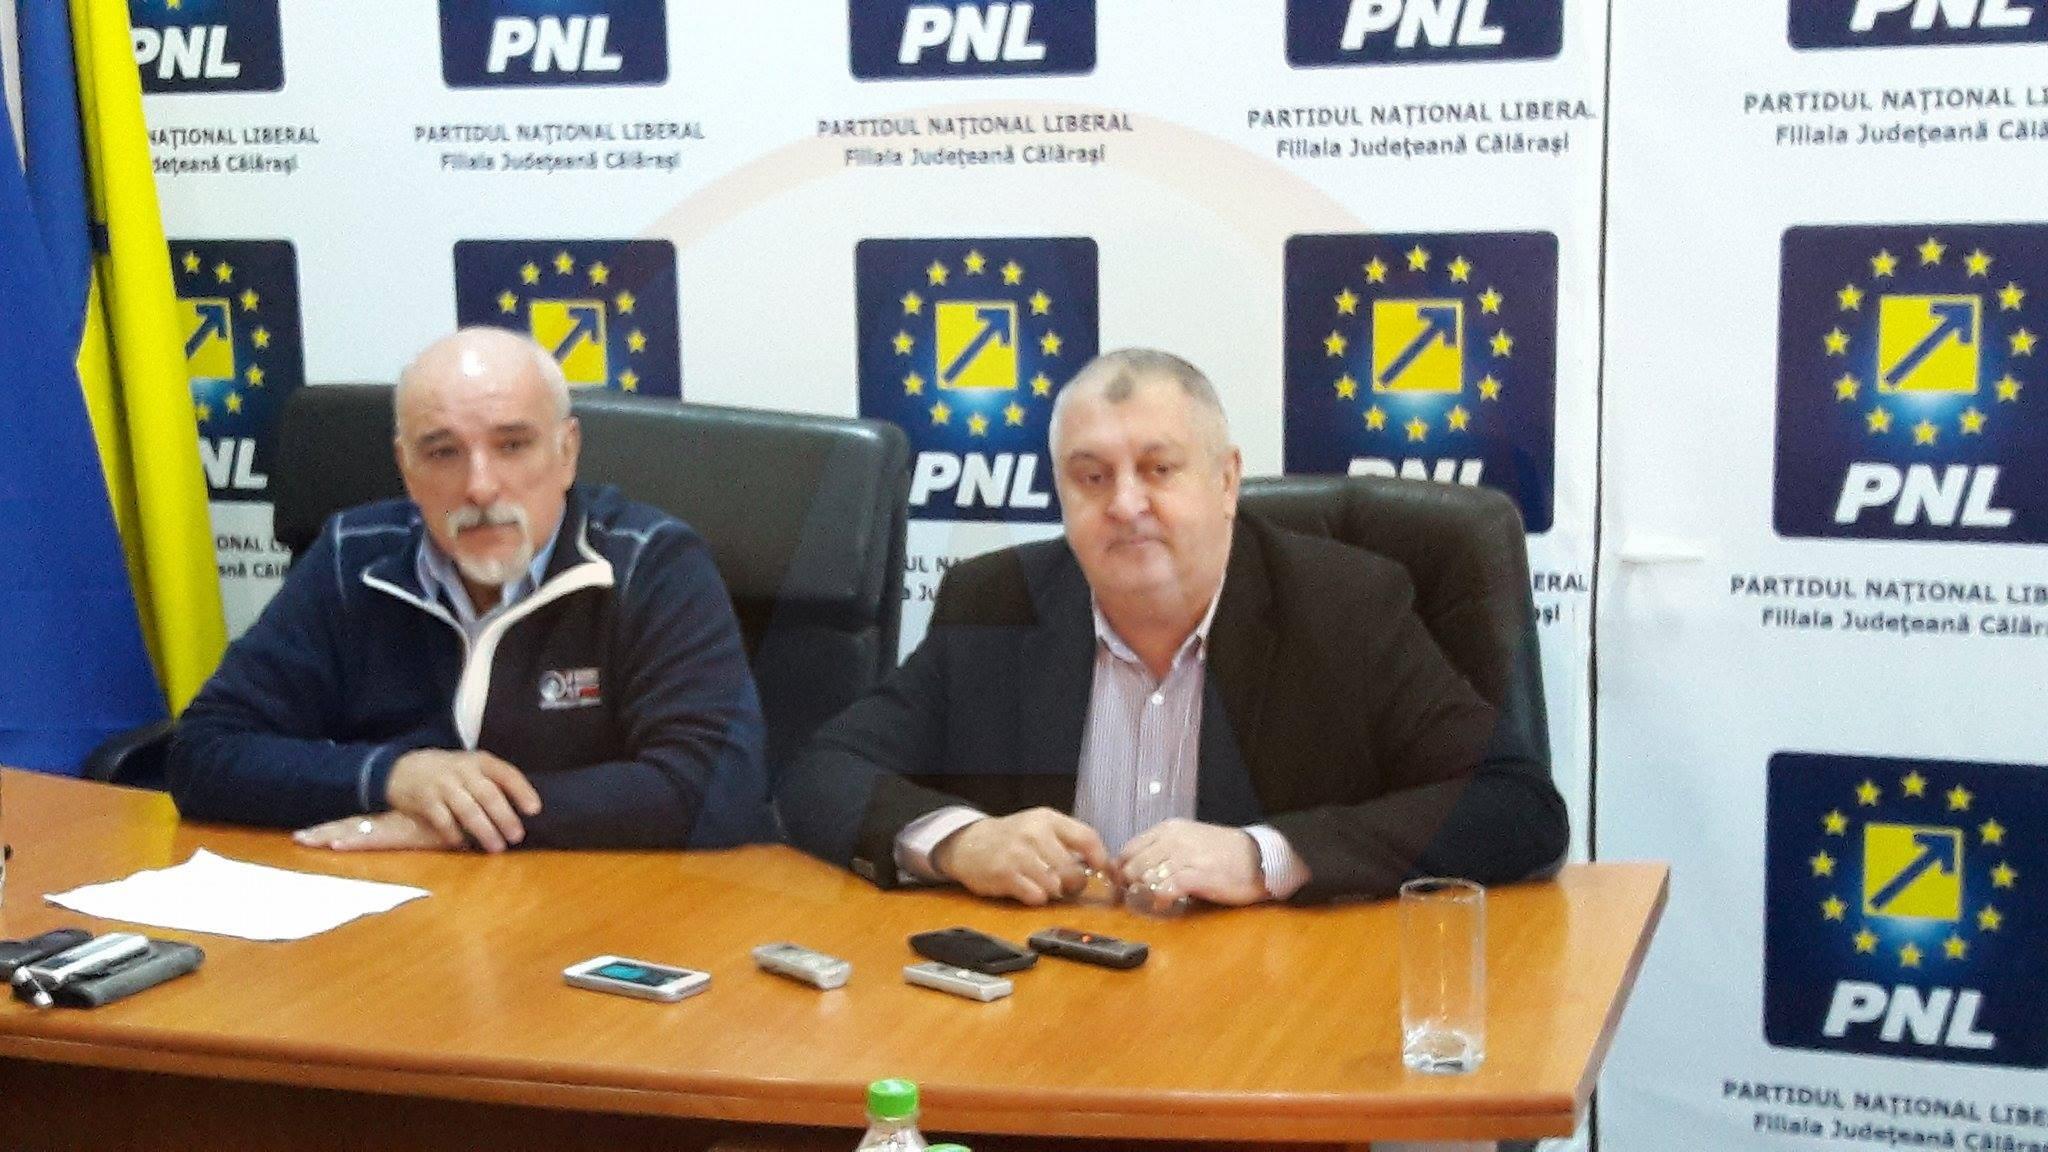 Senatorul Filipescu și primarul Drăgulin, în echipa de conducere a președintelui PNL, L. Orban